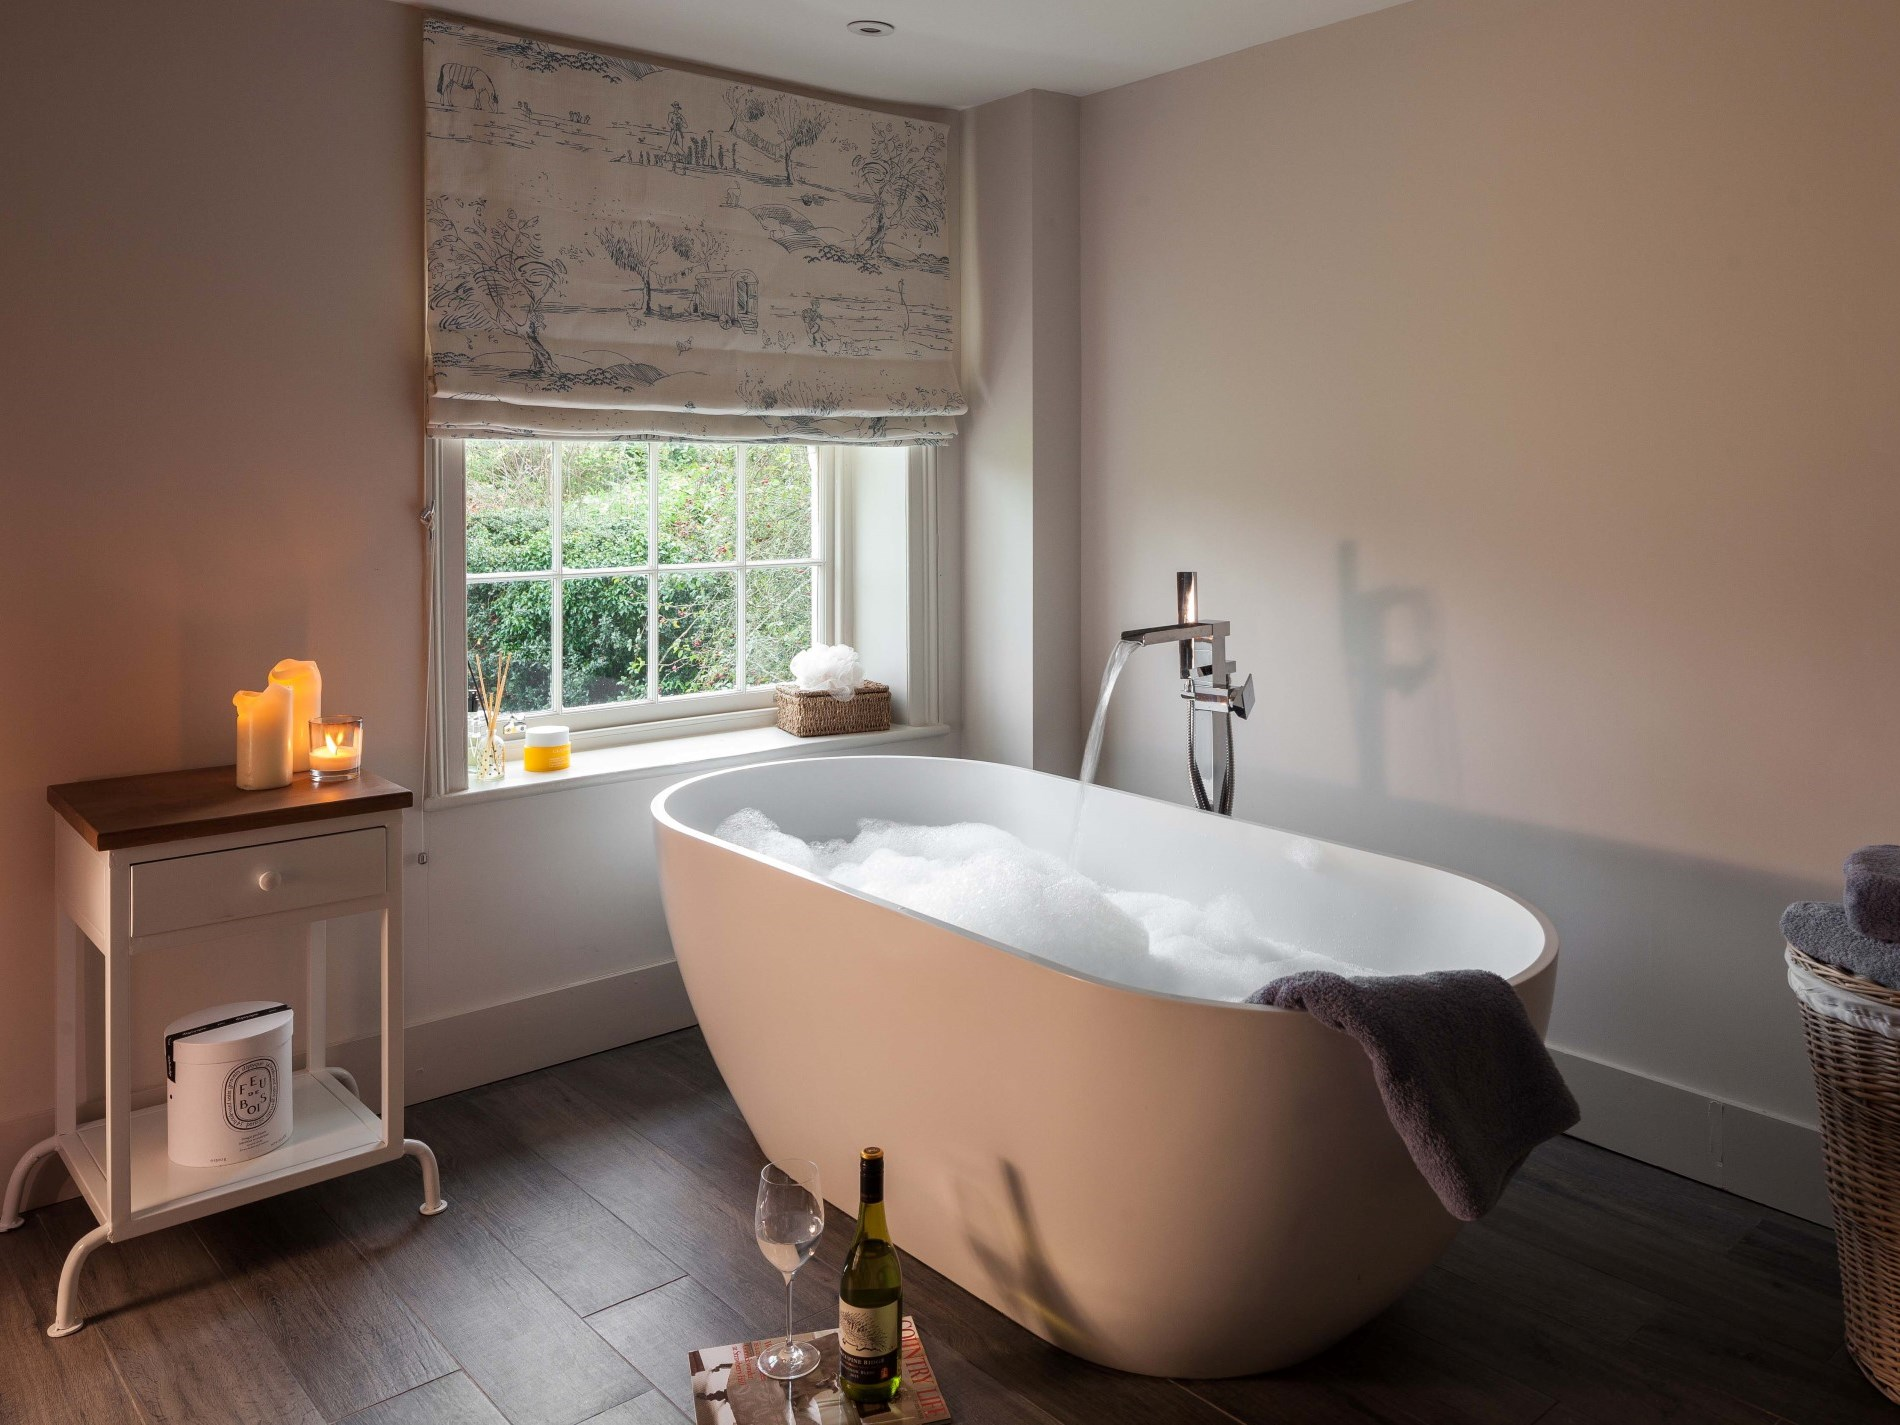 En-suite bathroom with views over the garden